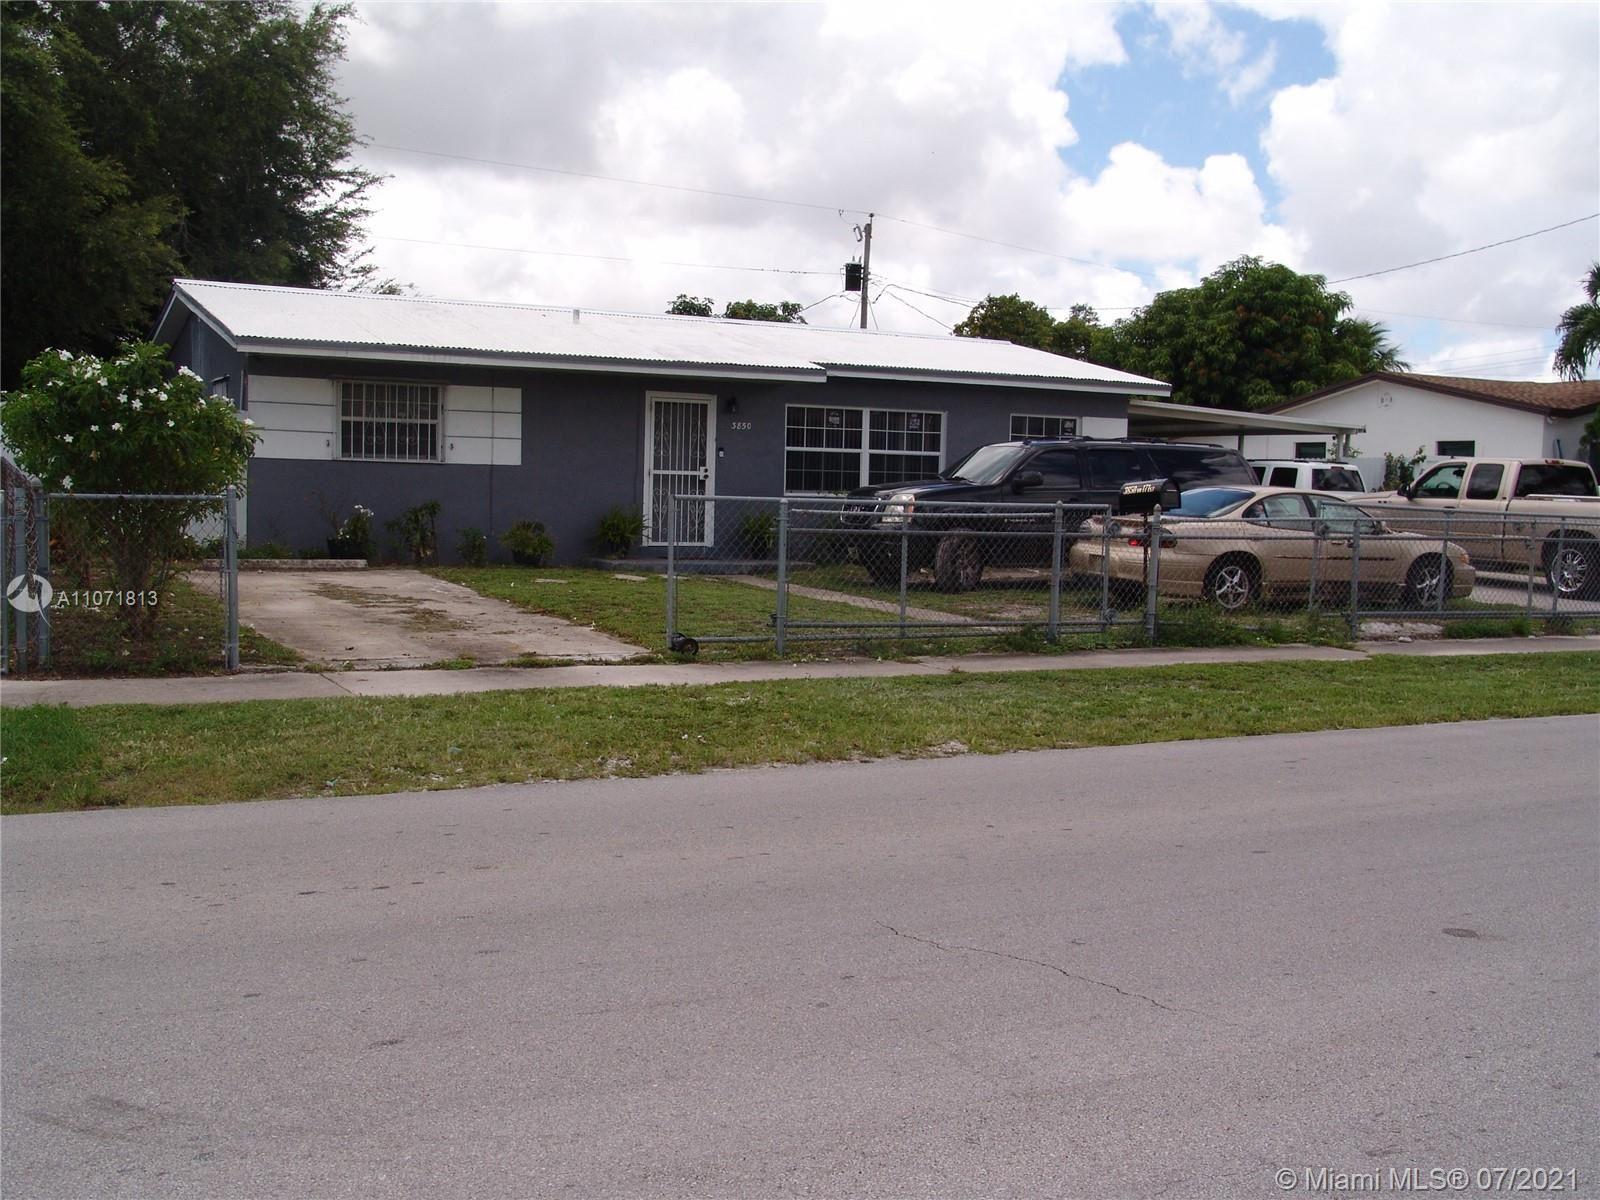 3850 NW 171st St, Miami Gardens, FL 33055 - #: A11071813